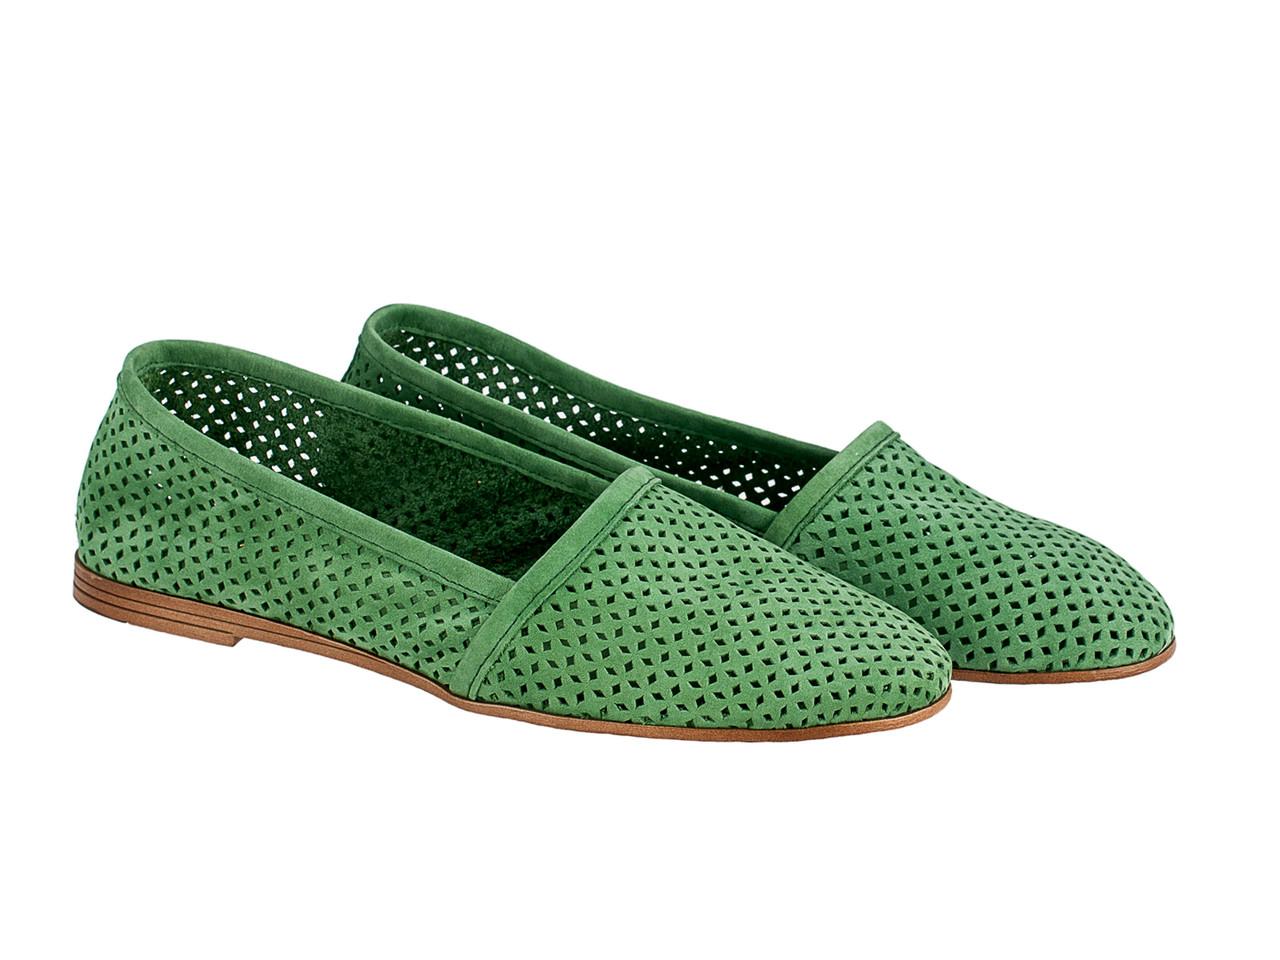 Балетки Etor 6076-7331-8862 зеленые